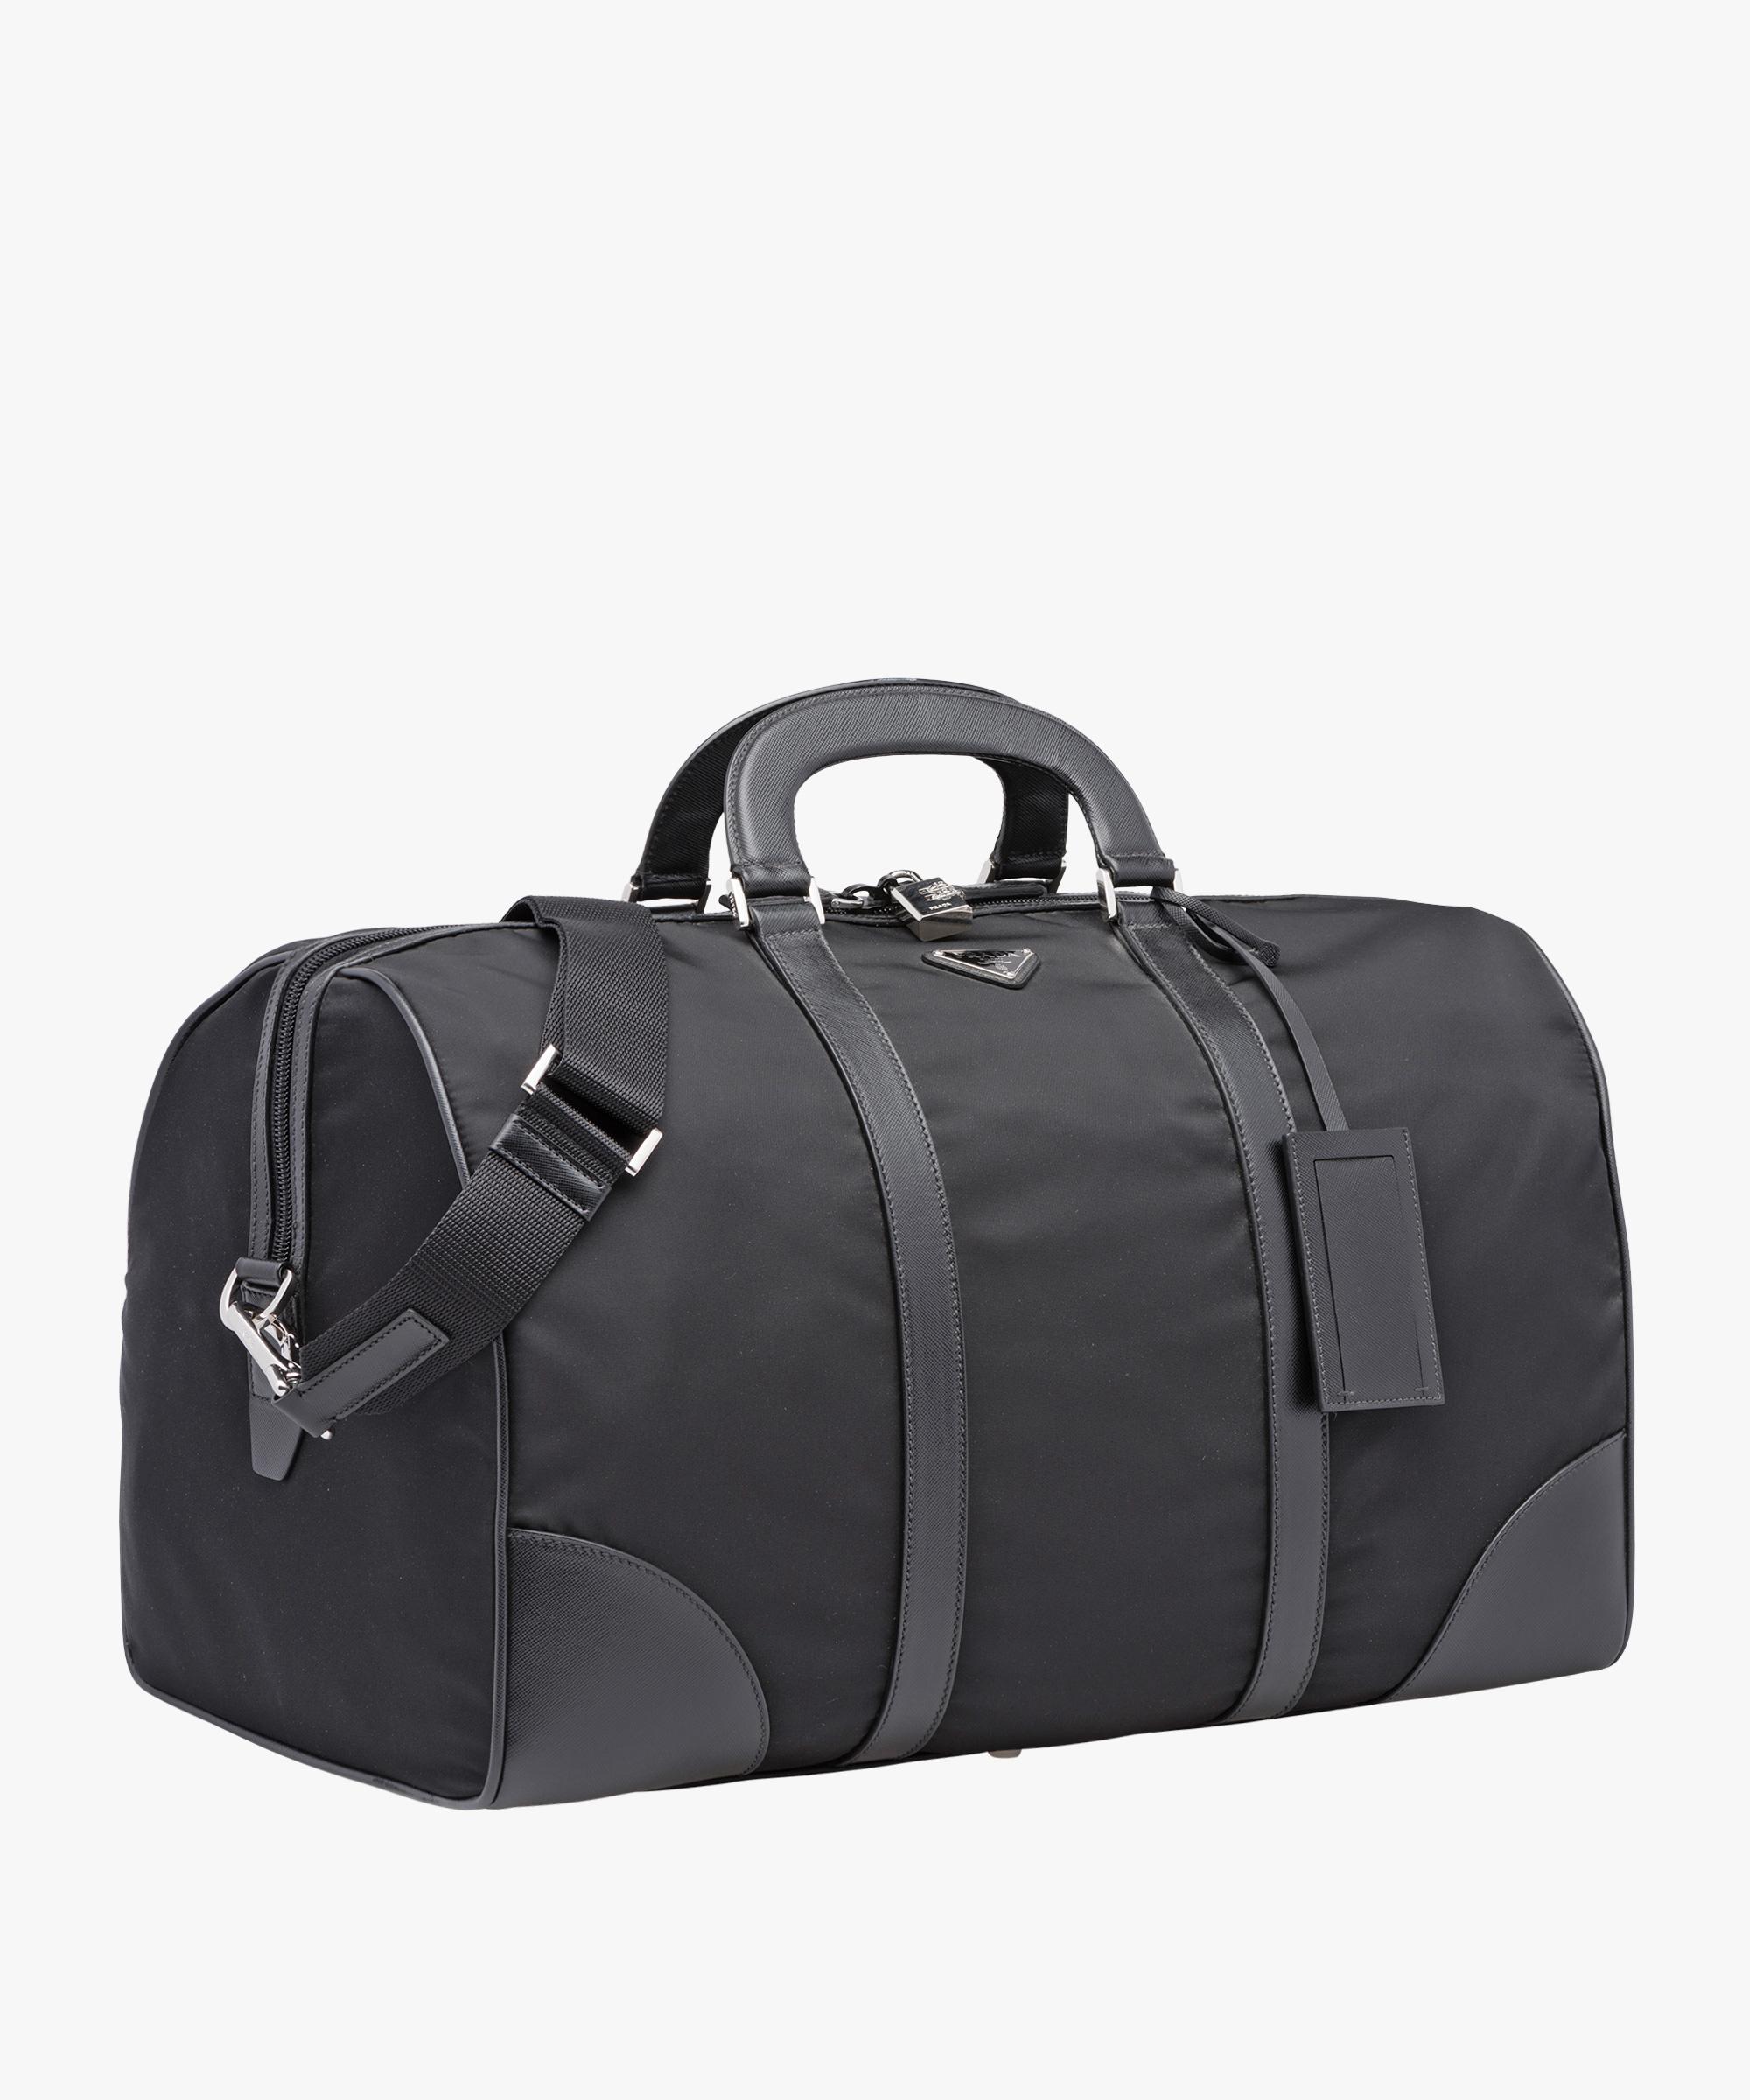 ae760b68c6c6ab ... Duffle Bag Prada BLACK ...